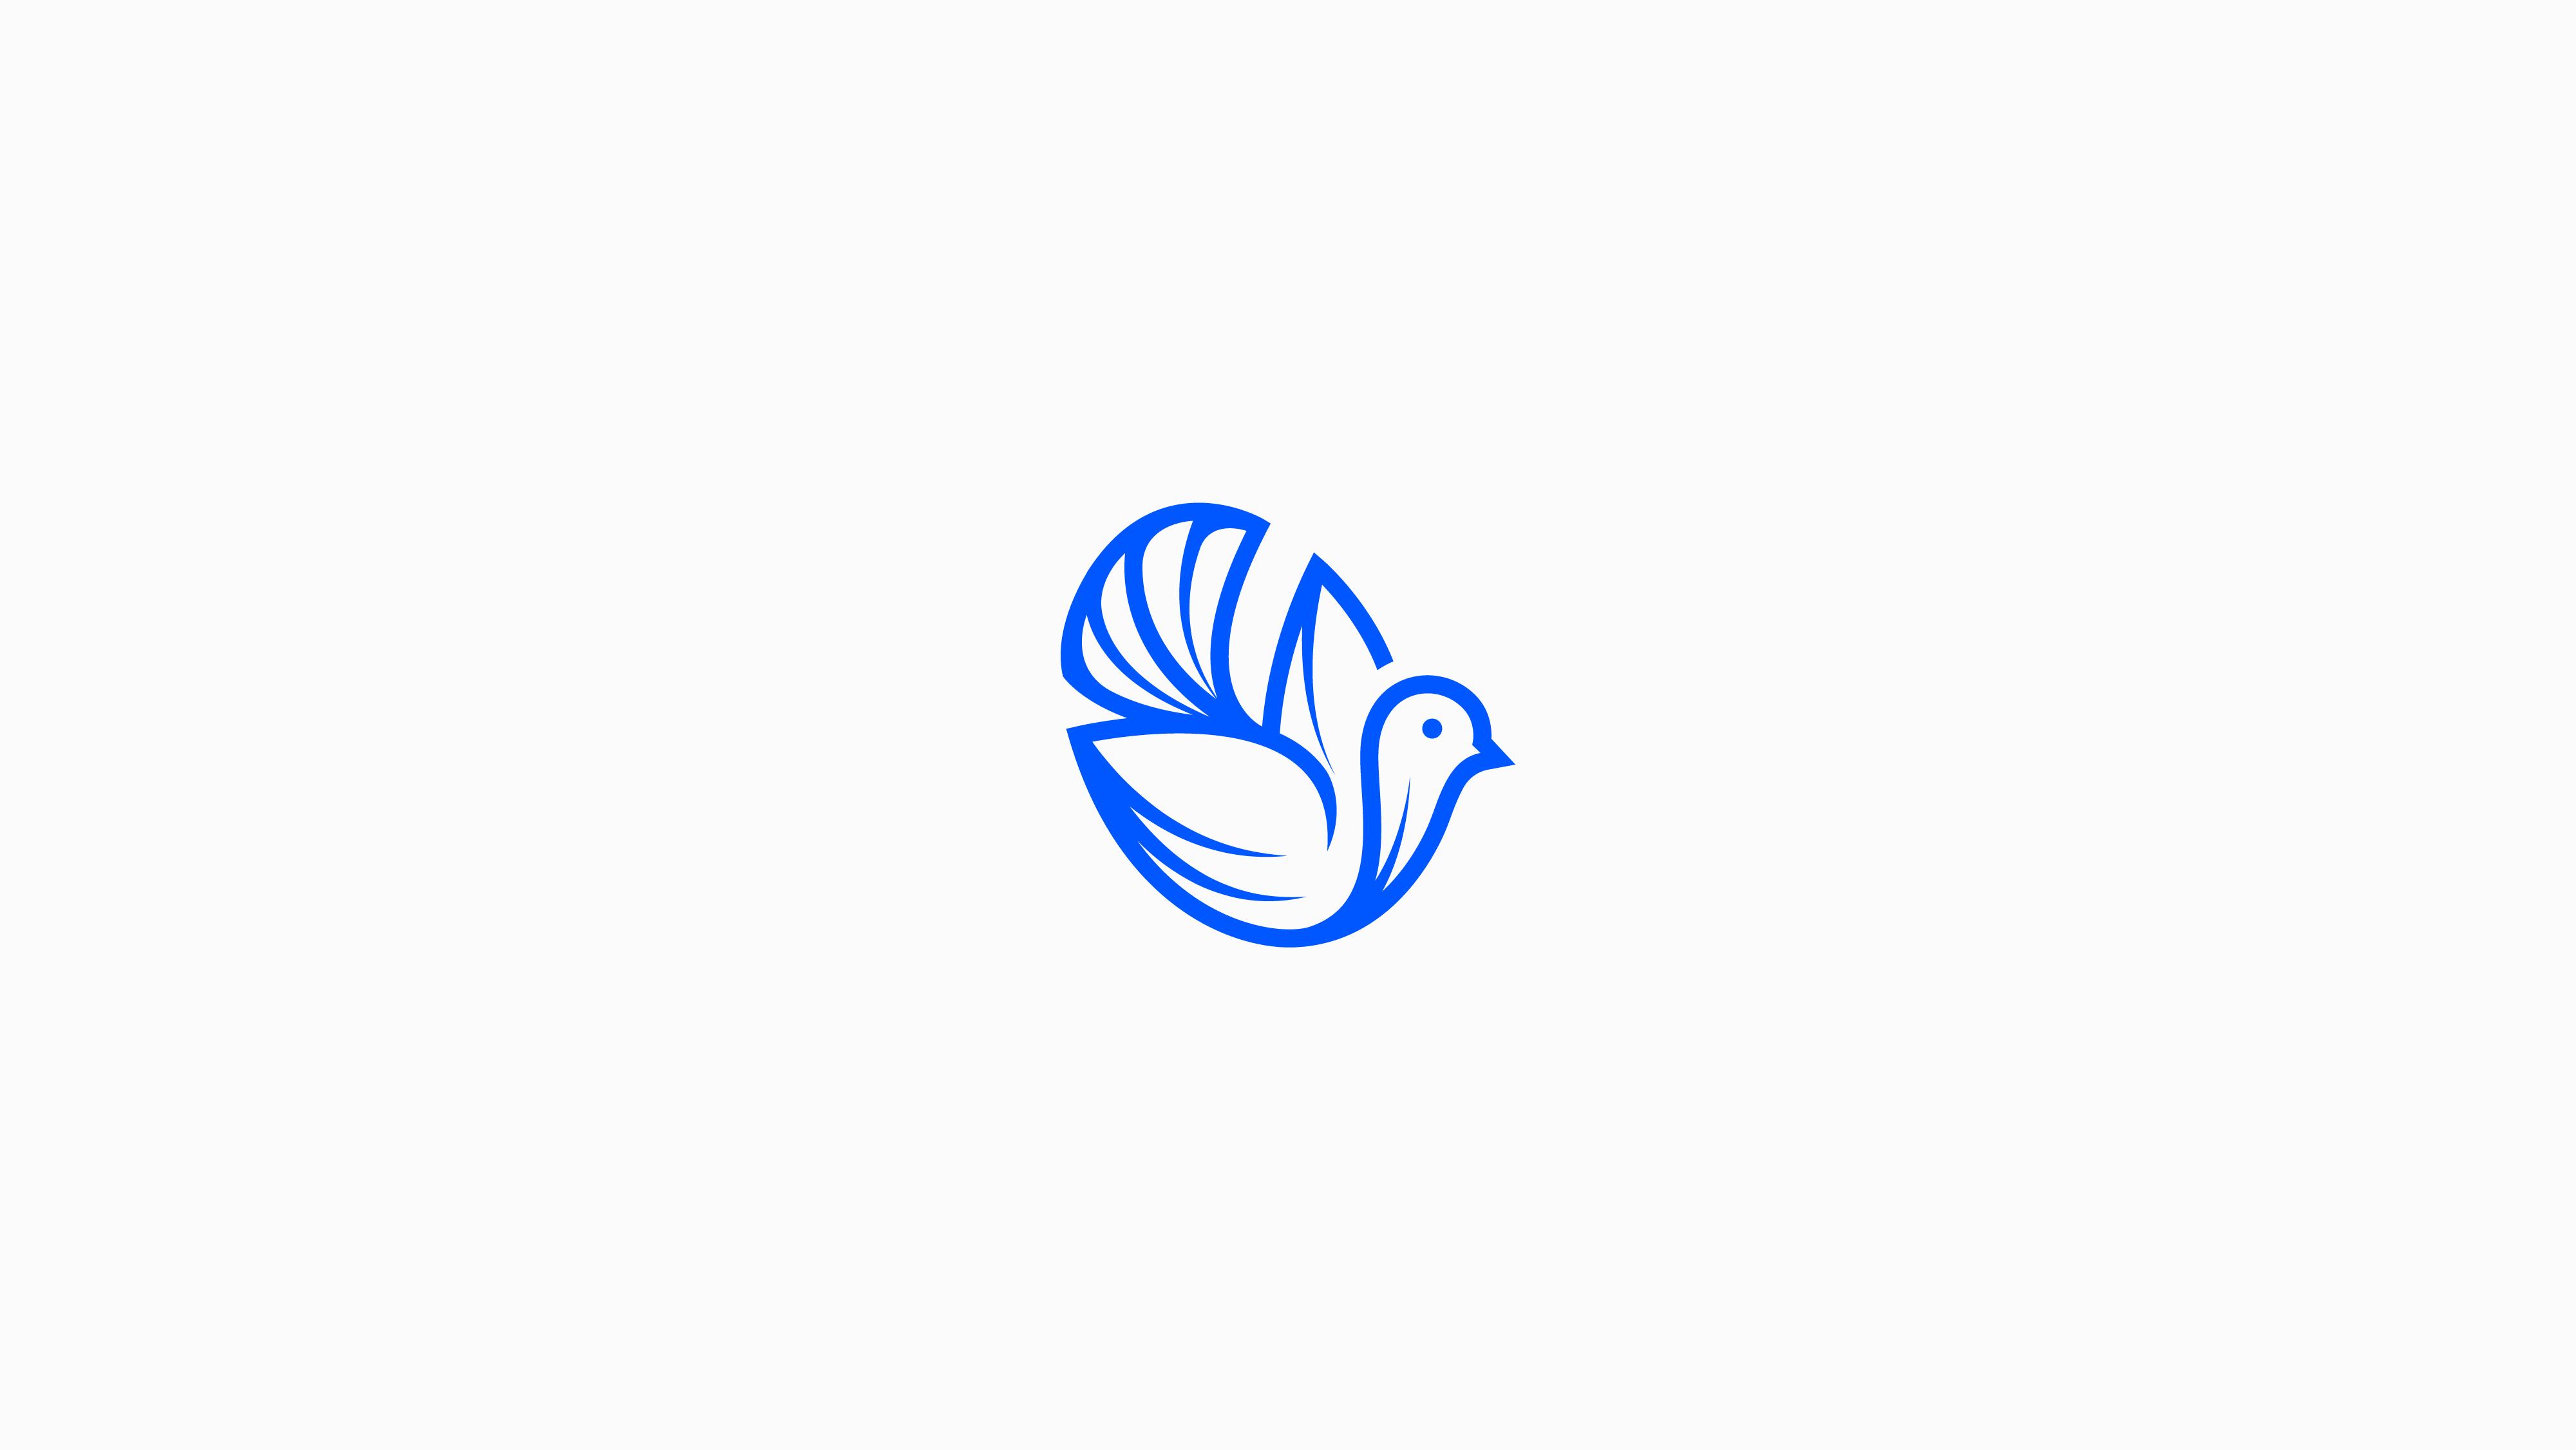 Bird-logo-Farm-and-coffee-logo-design